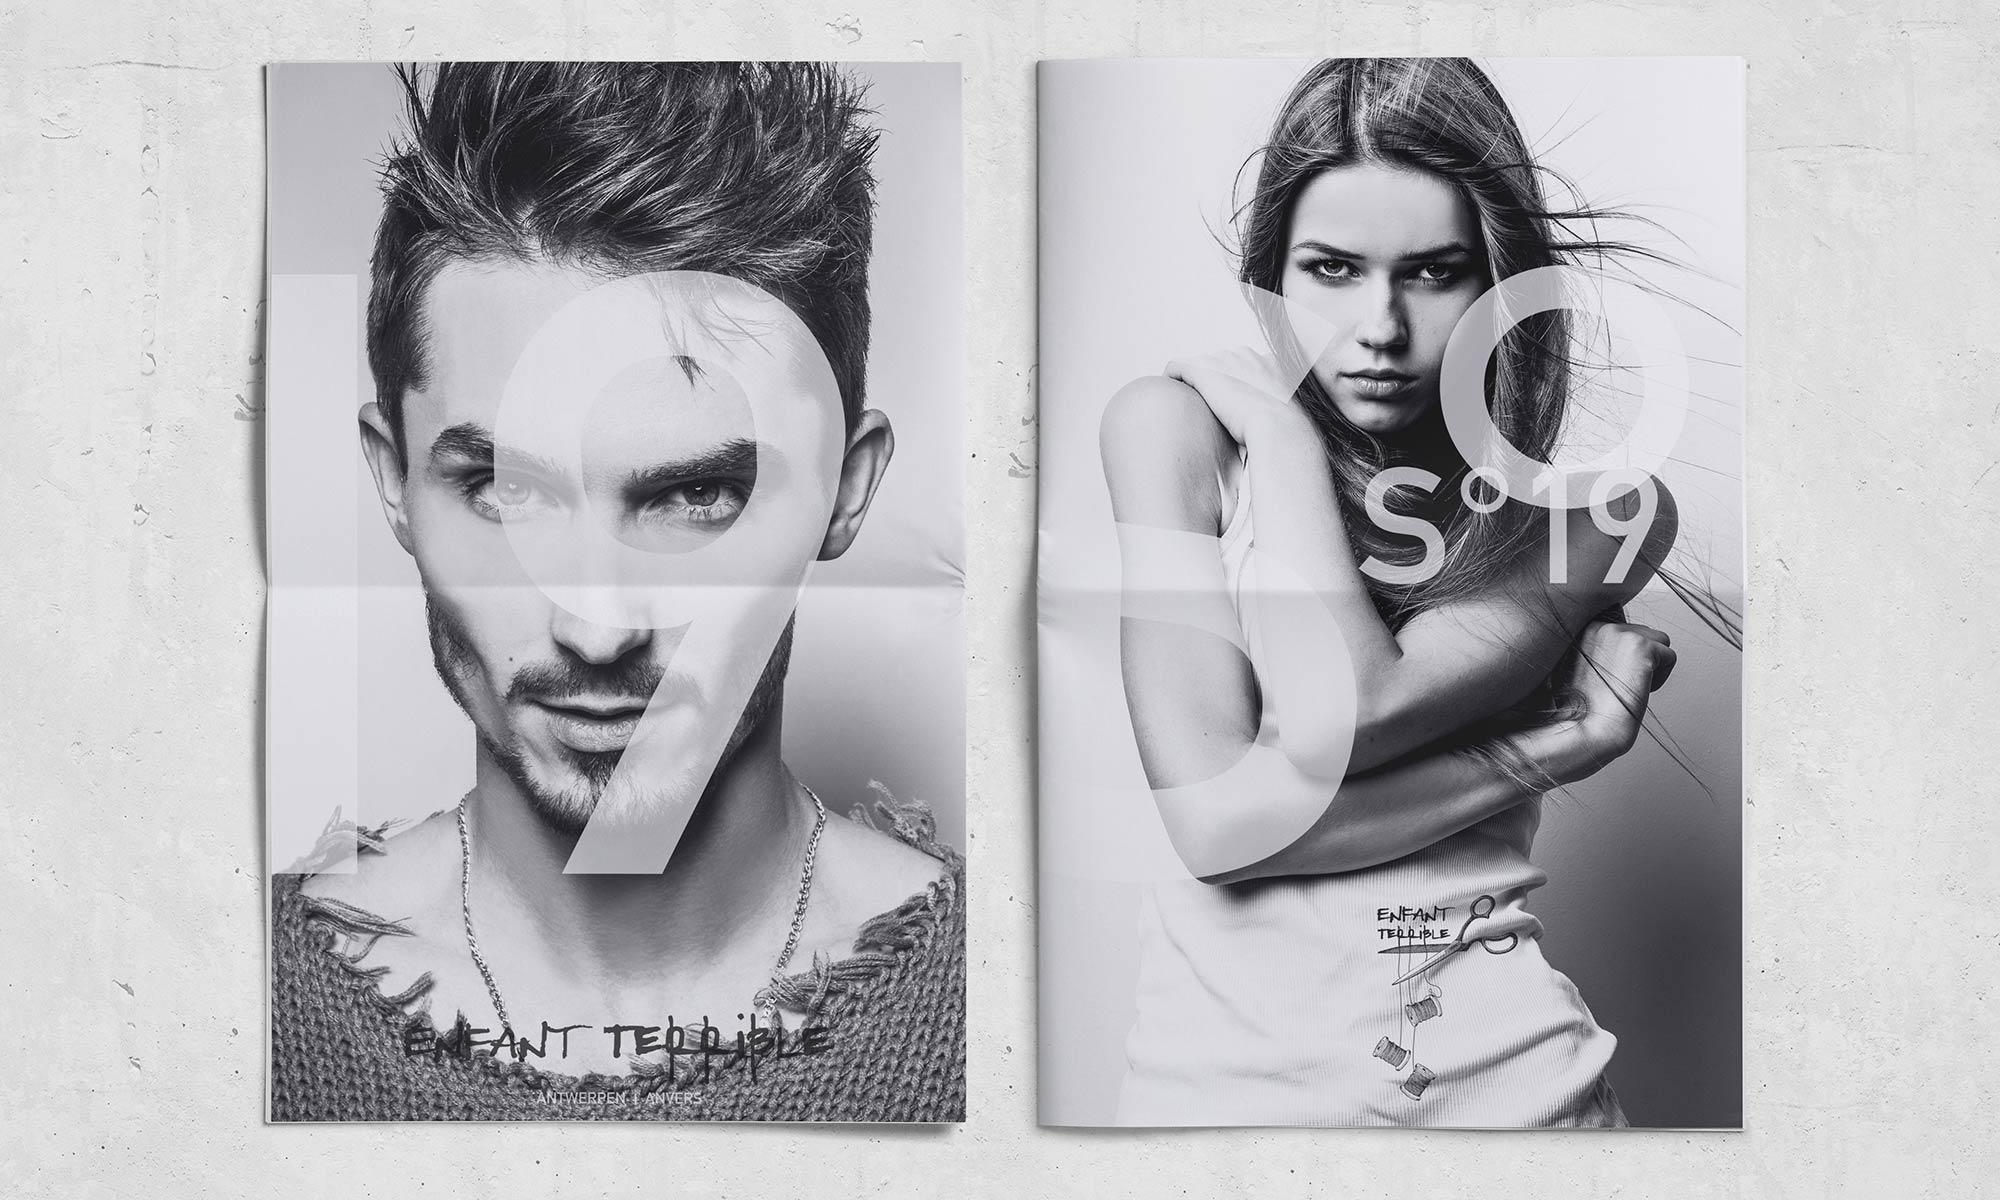 Corporate Identity Mode enfant-terrible-S19-Zeitung Titel und Rückseite